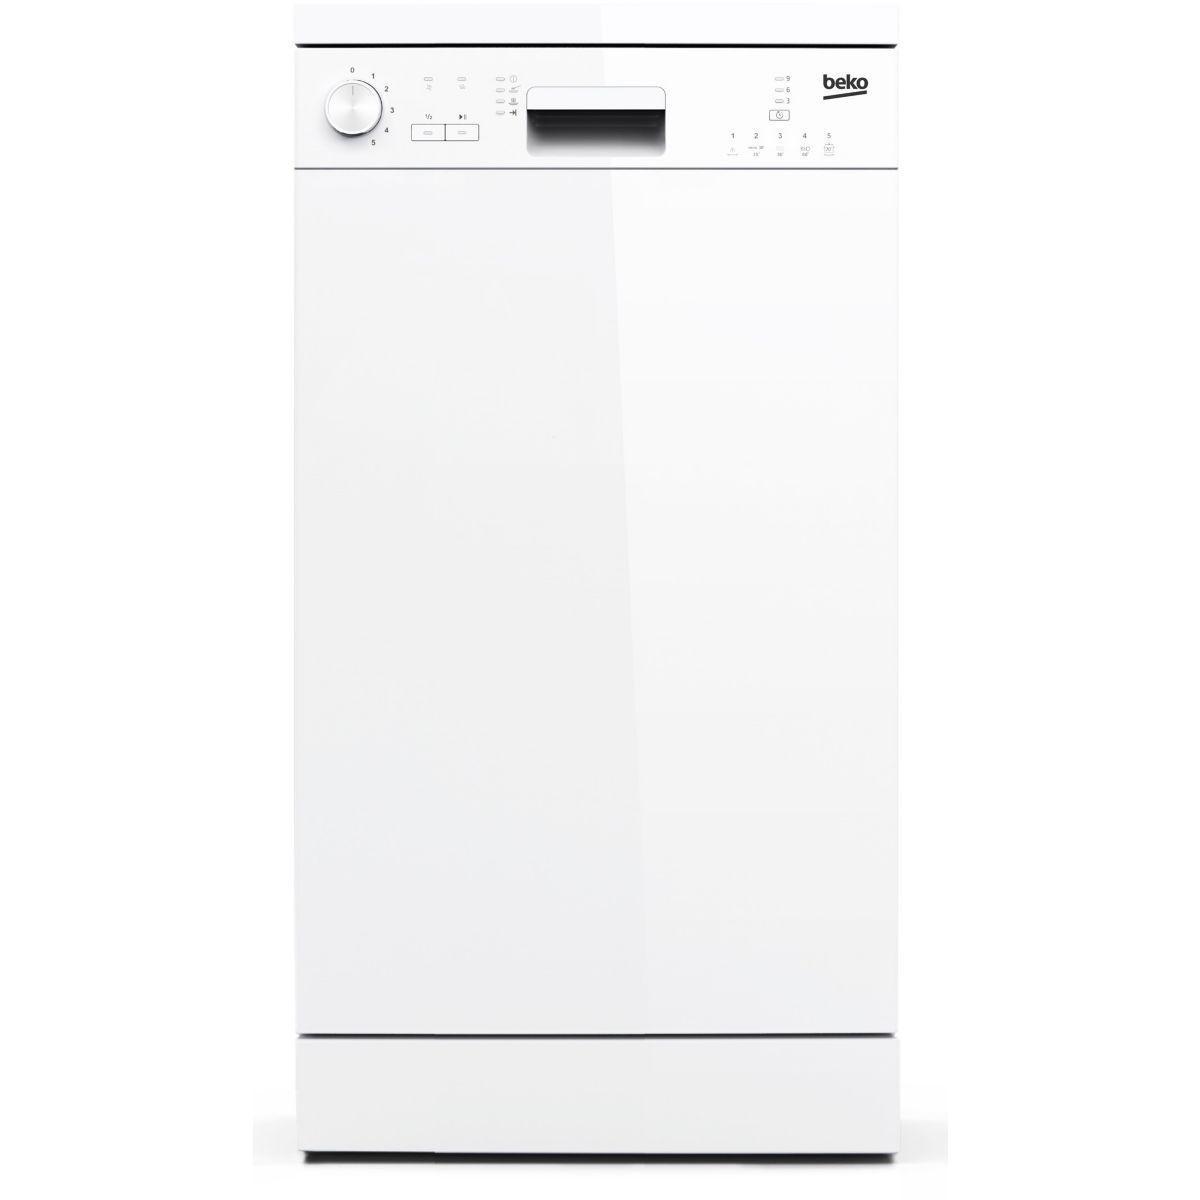 Lave vaisselle 45cm beko dfs05010w soldes et bonnes affaires à prix imbattables